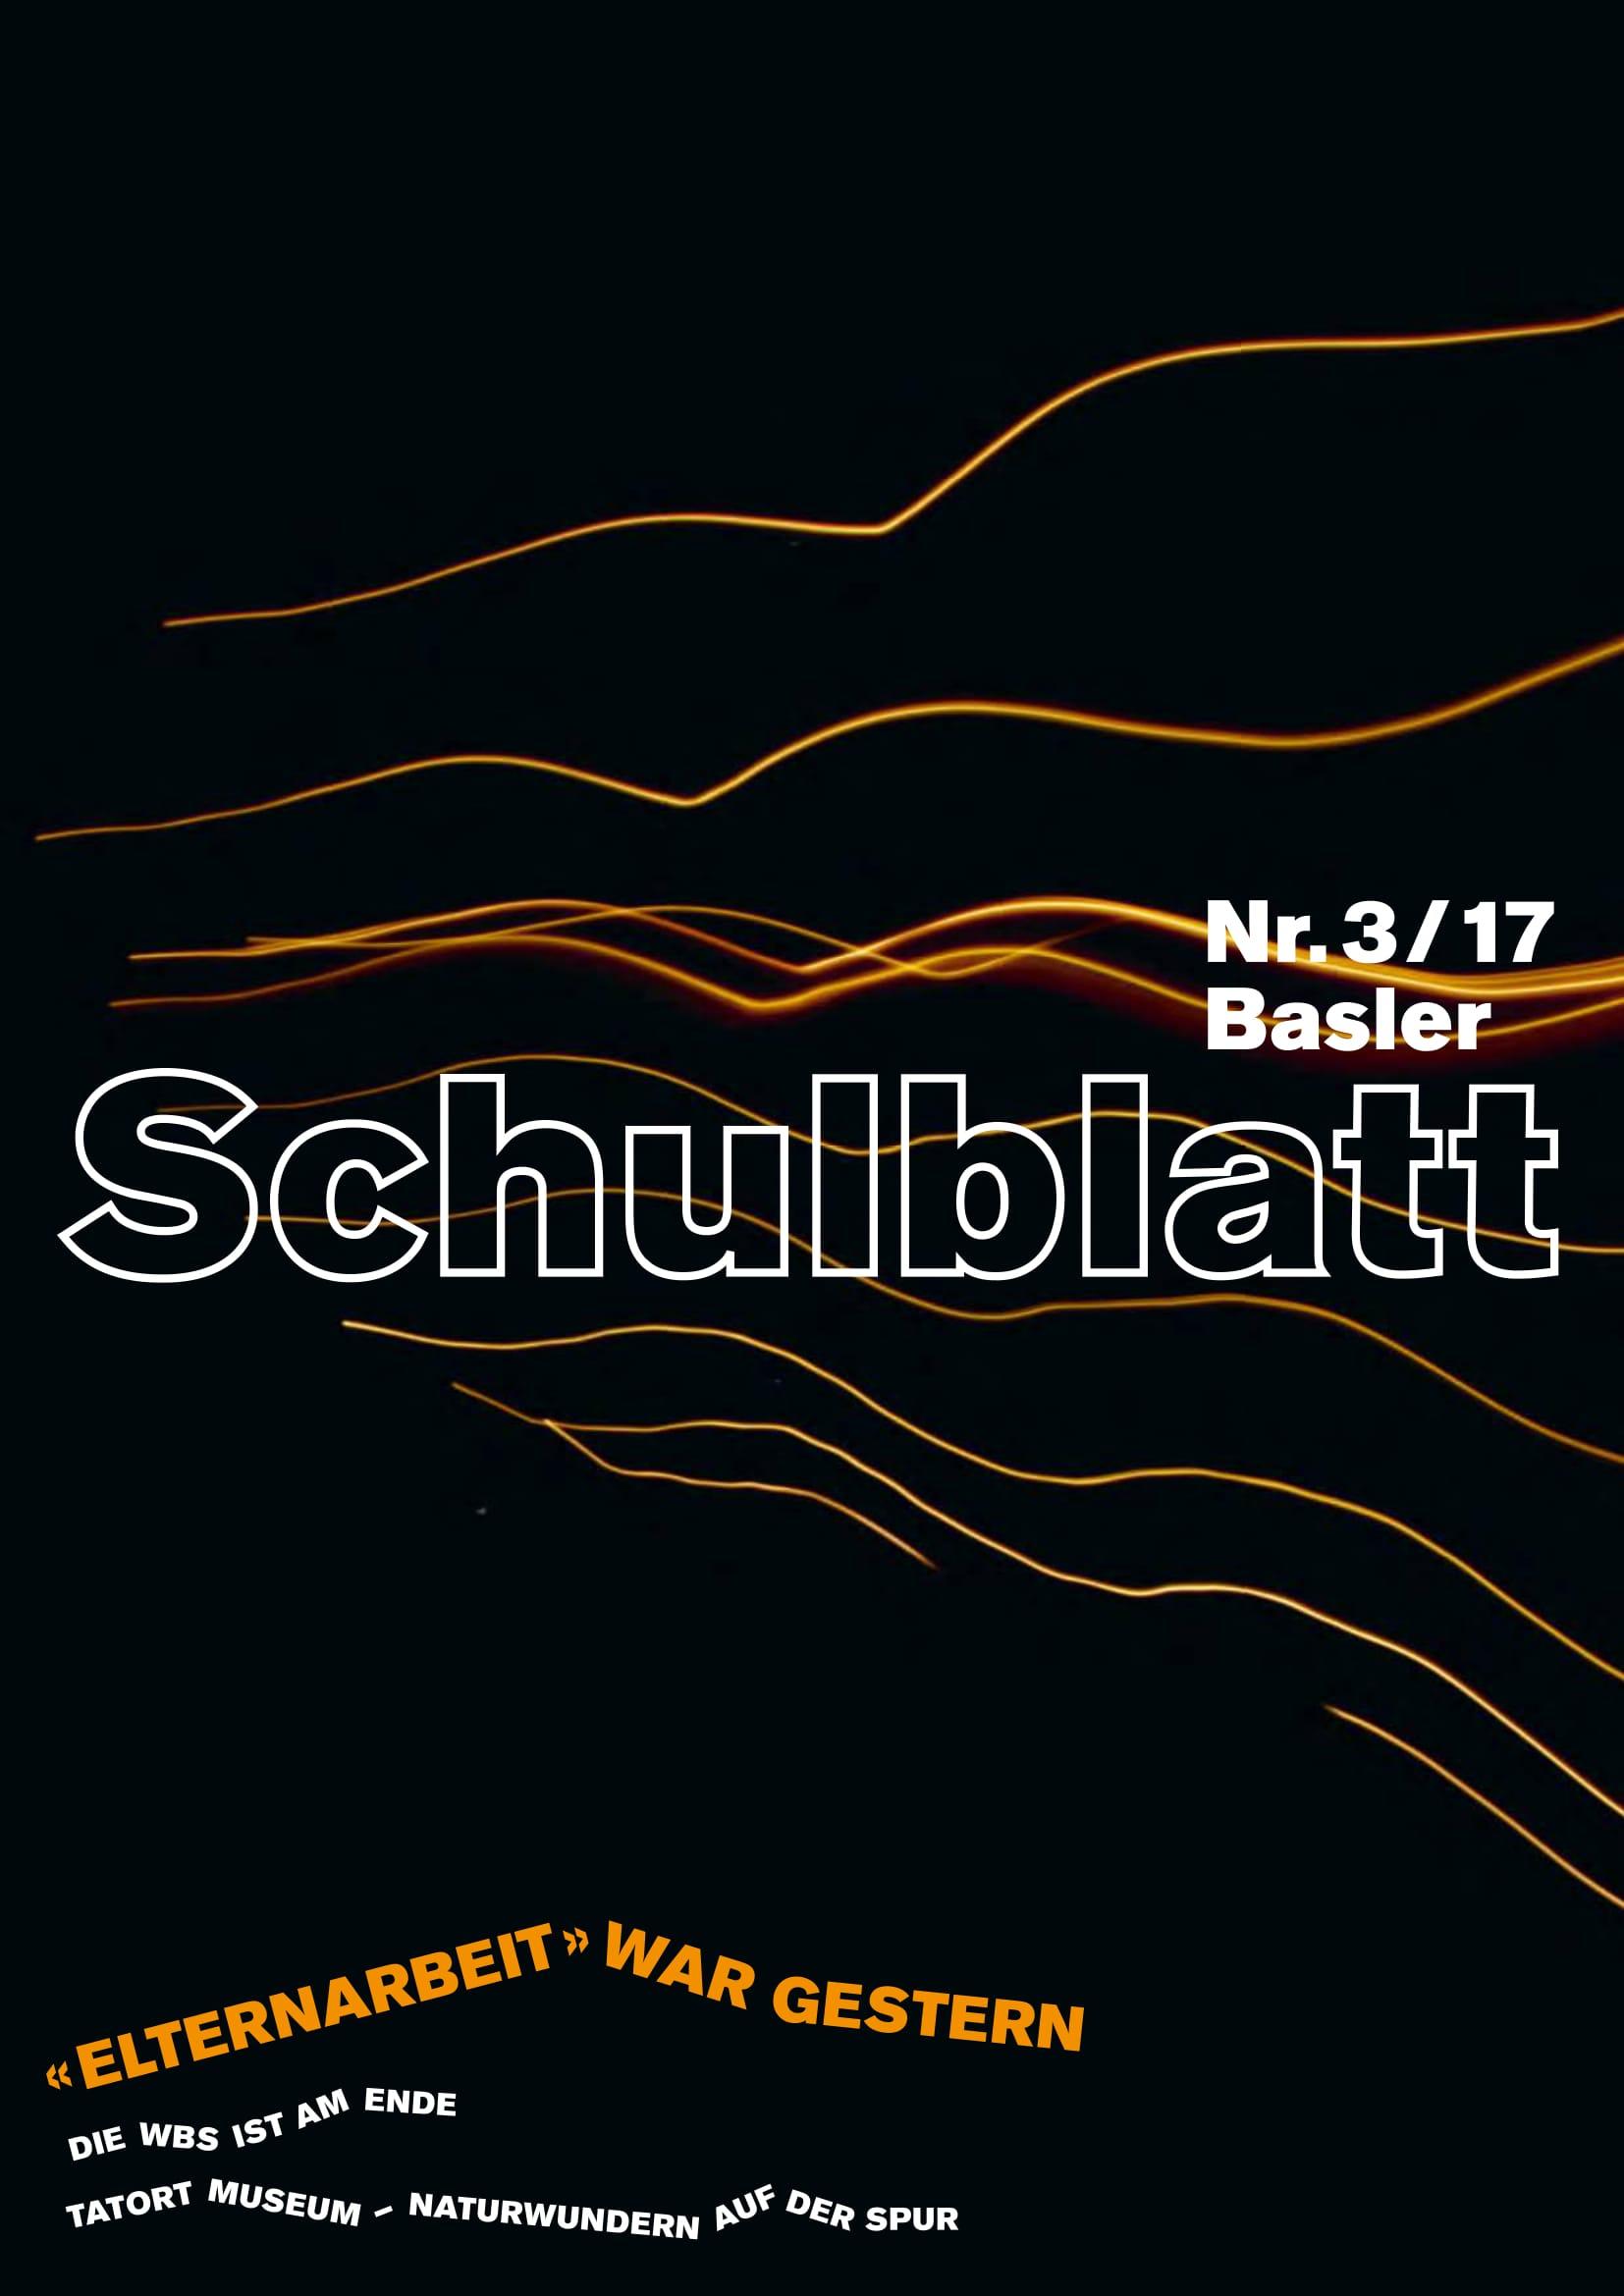 https://www.edubs.ch/publikationen/baslerschulblatt/druckausgaben/archiv-1